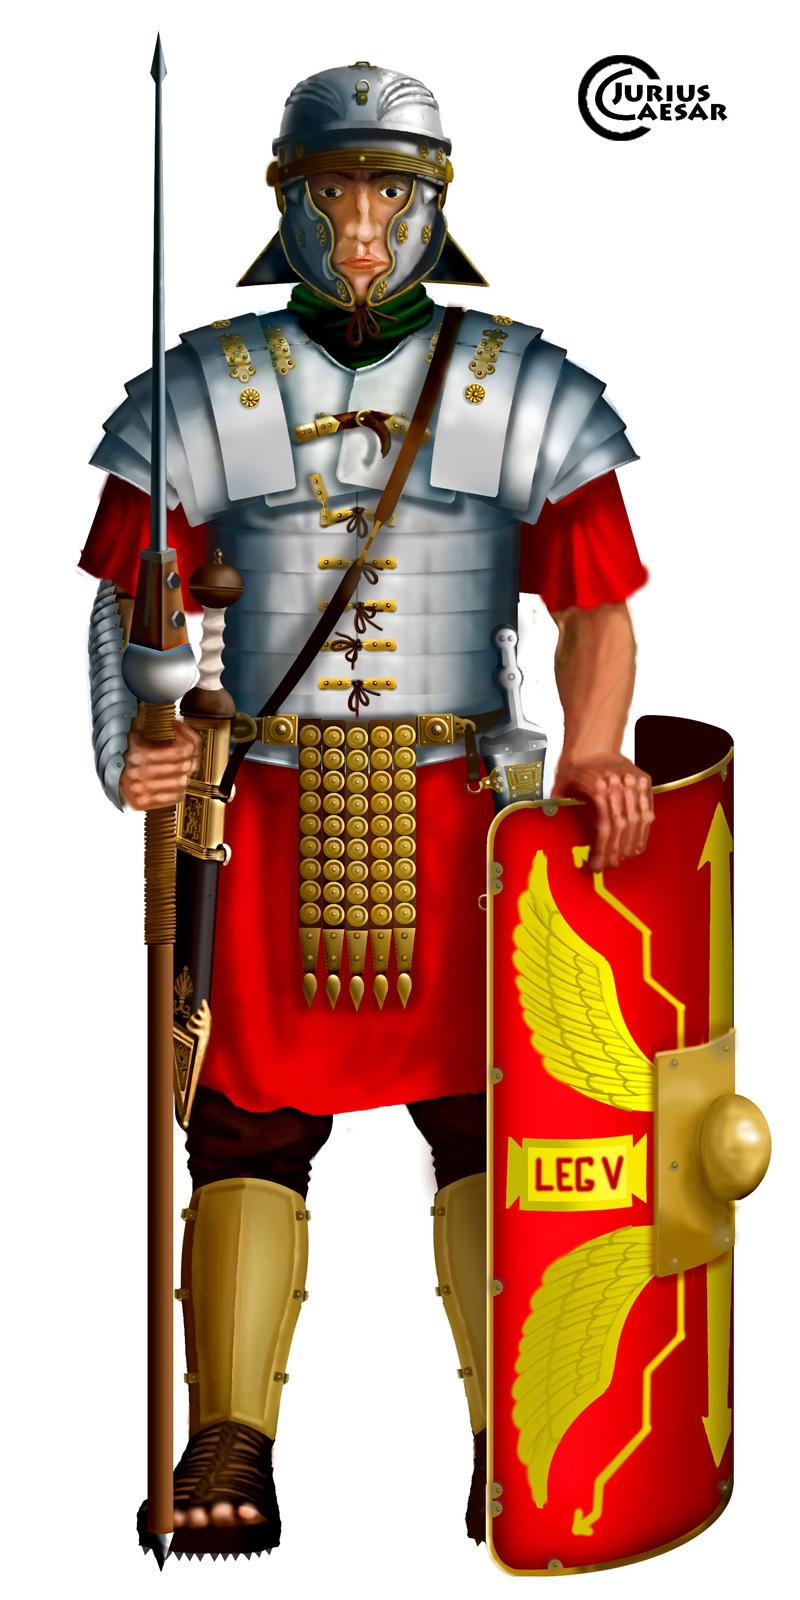 римский воин, легионер, клипарт, рисунок, доспехи, щит, клипарт